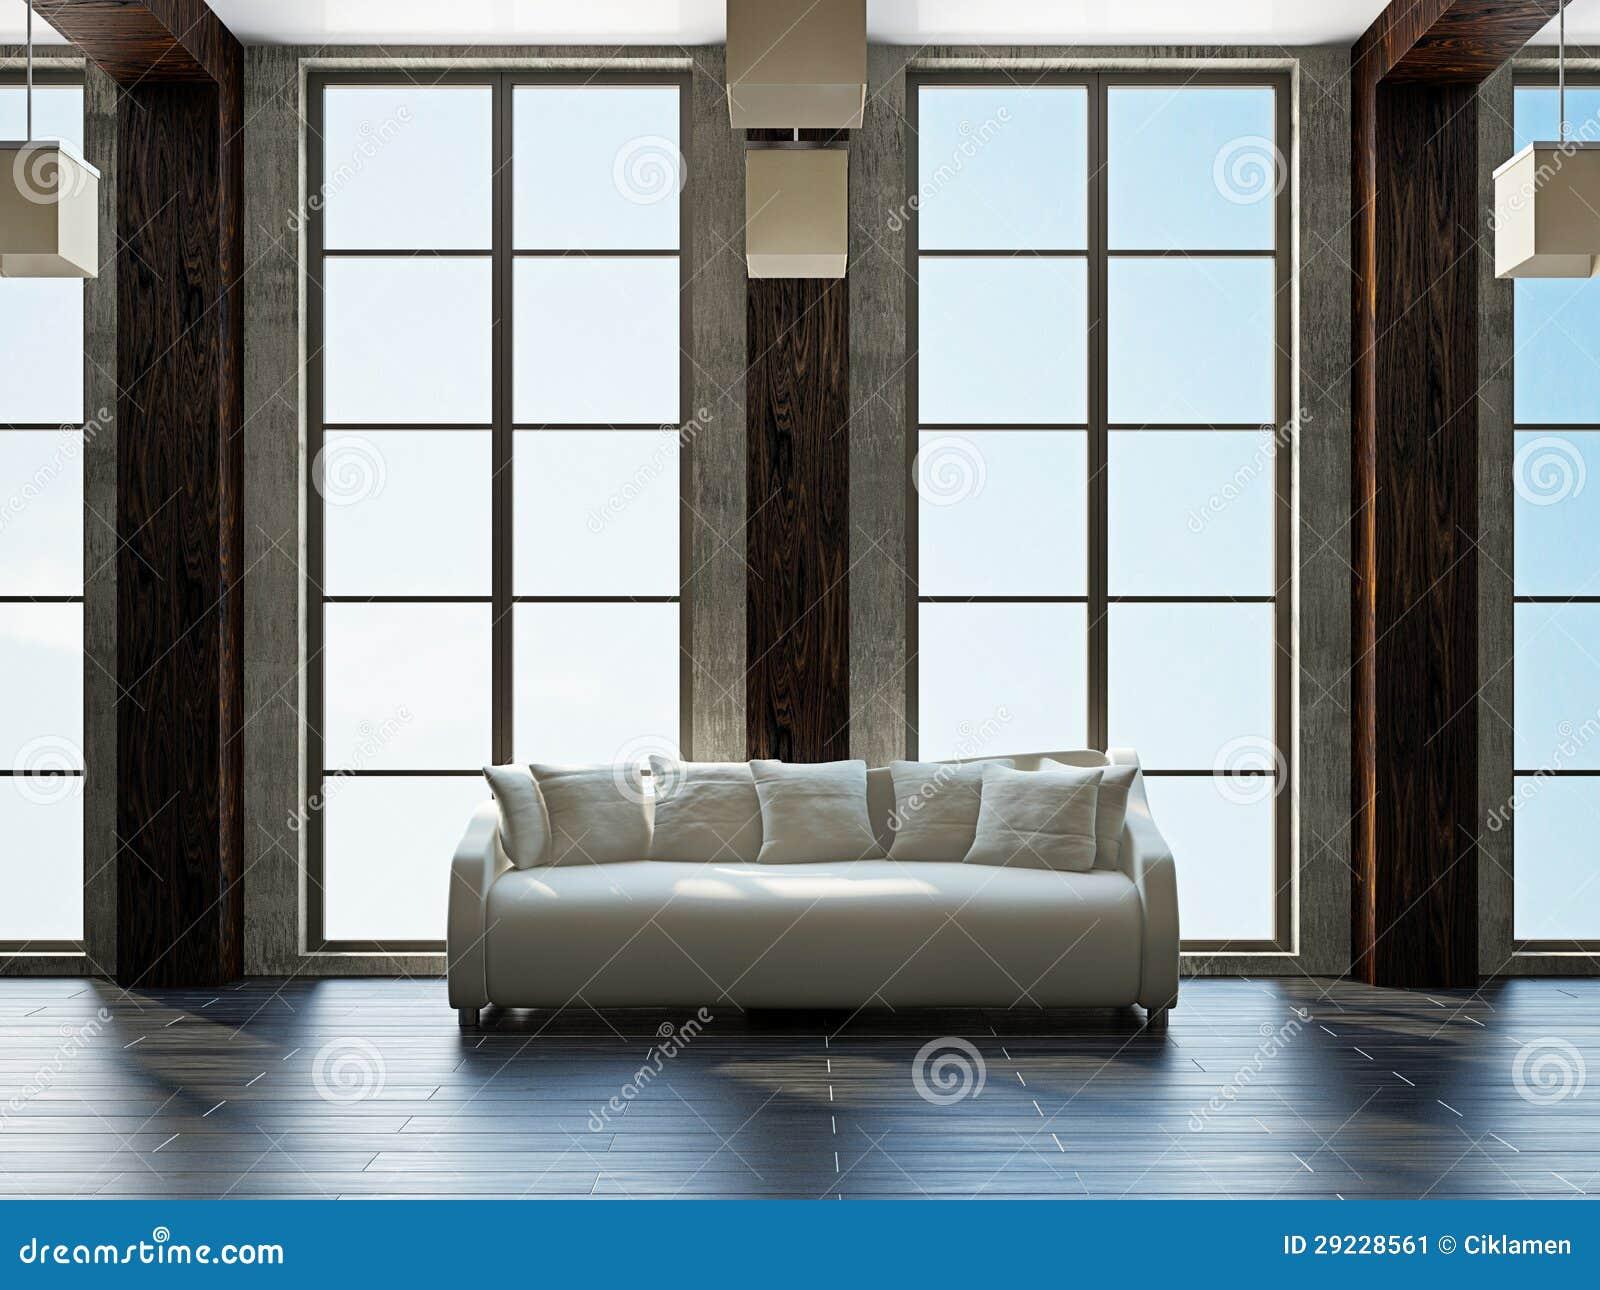 Download Sala De Visitas Com Mobília Ilustração Stock - Ilustração de cozy, contemporary: 29228561